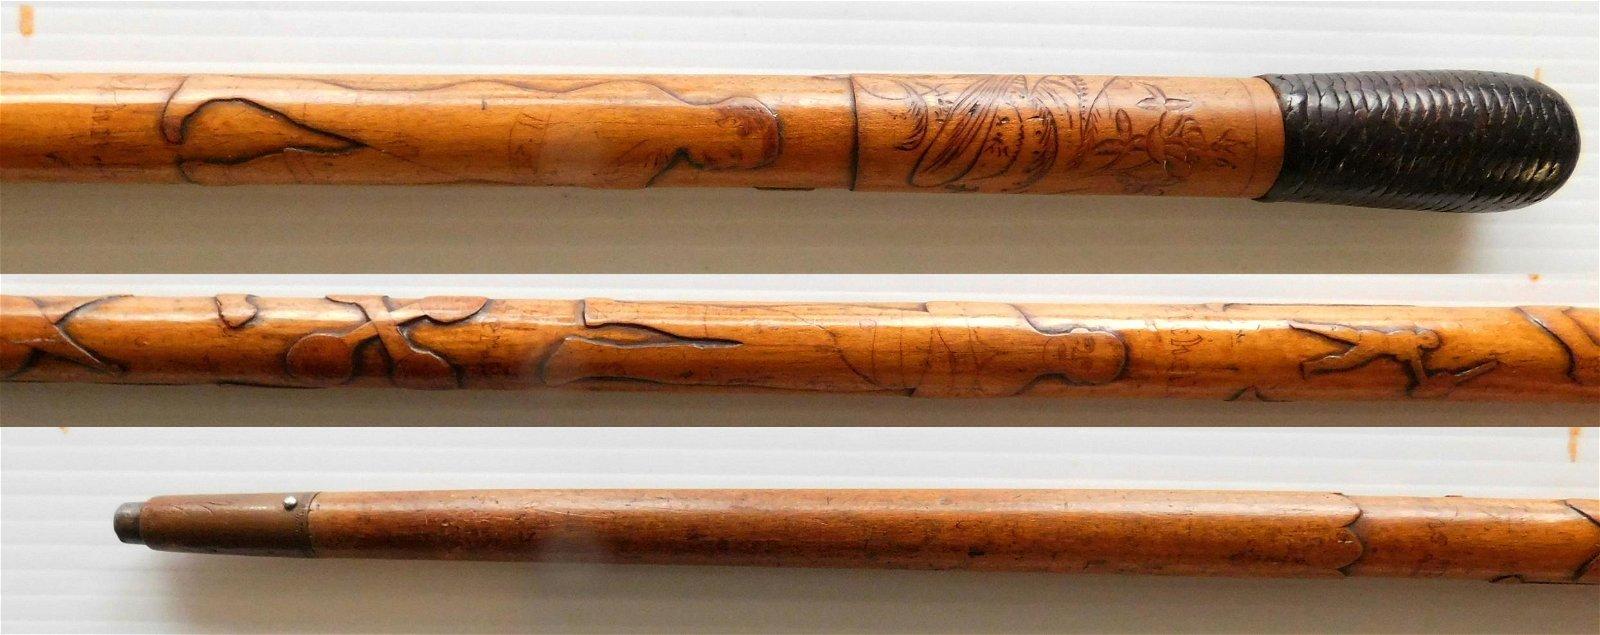 Carved 'Pugilists' folk art cane